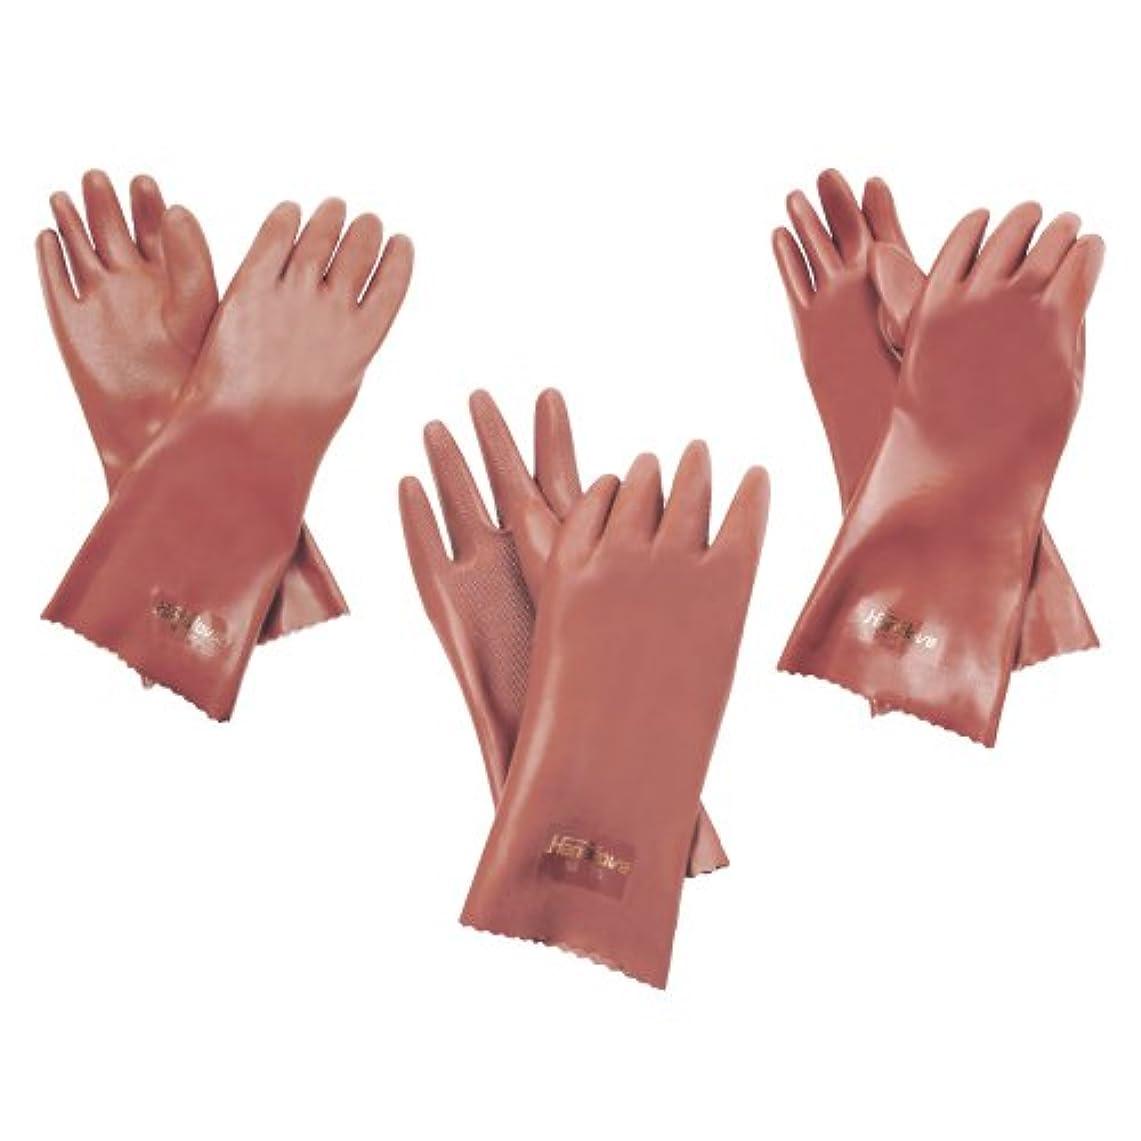 羽阻害する多様な耐油手袋 ハナローブ NO.146??????????????(23-2947-00)